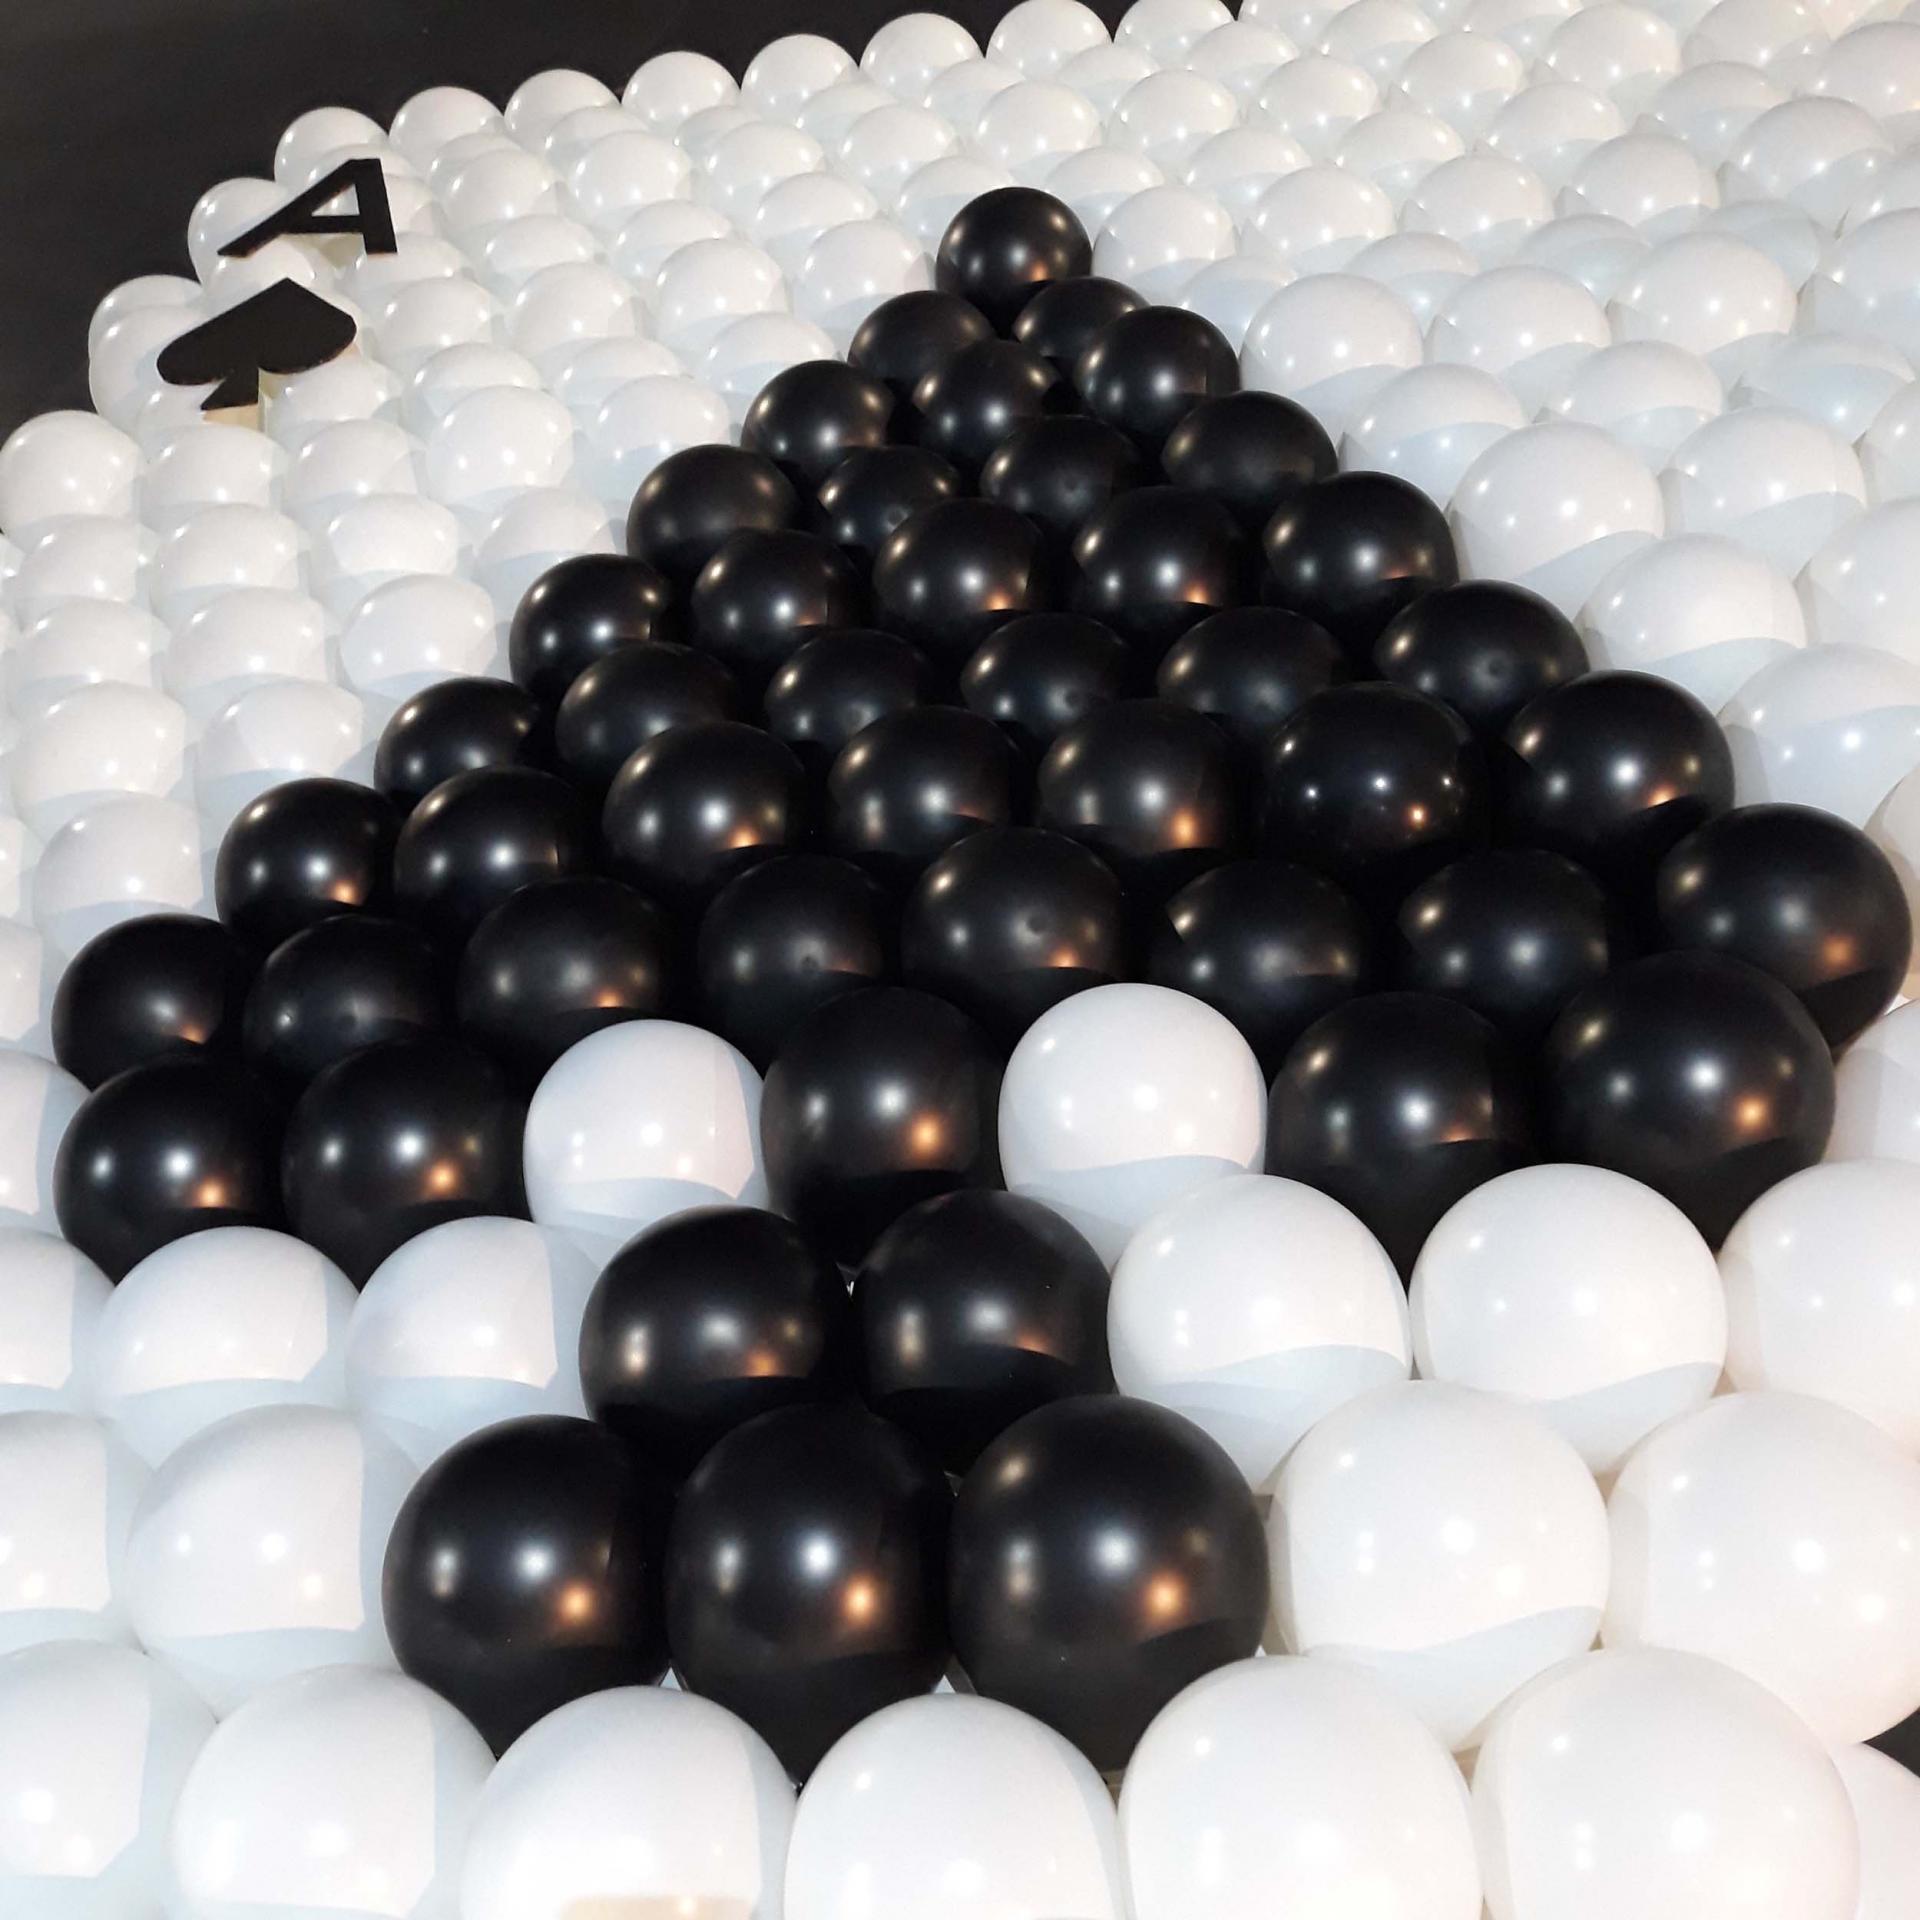 Mur de ballons soirée casino